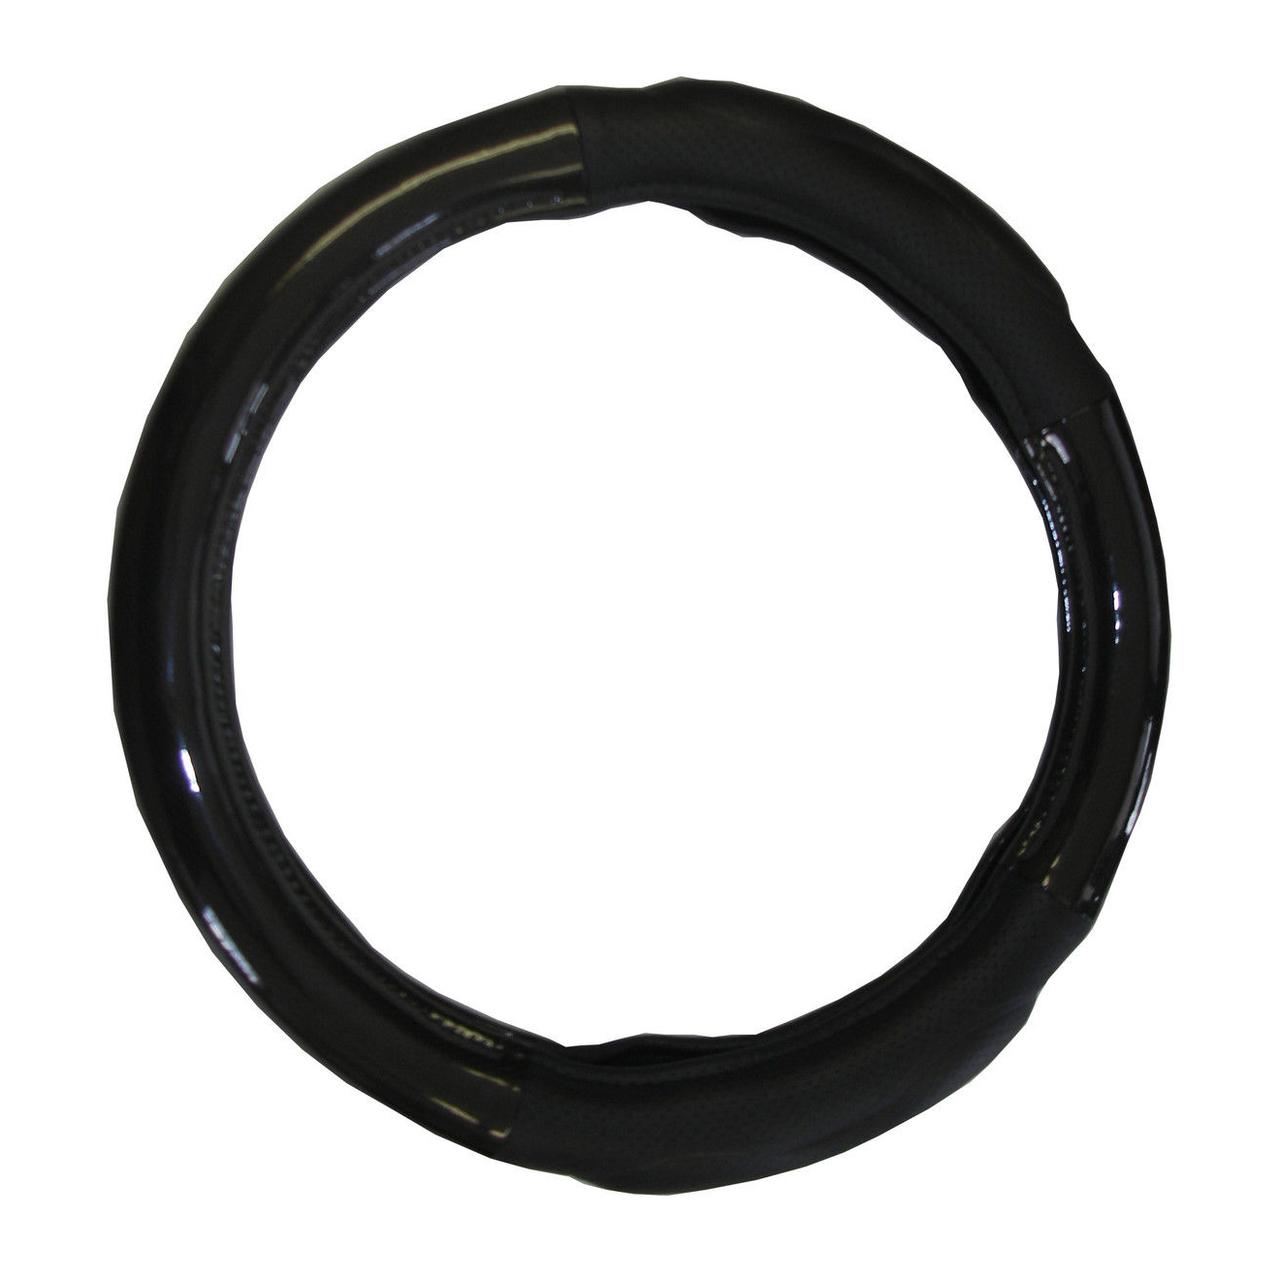 """Black Carbon Fiber Style Memory Foam Steering Wheel Cover for Semi Trucks, 18"""""""